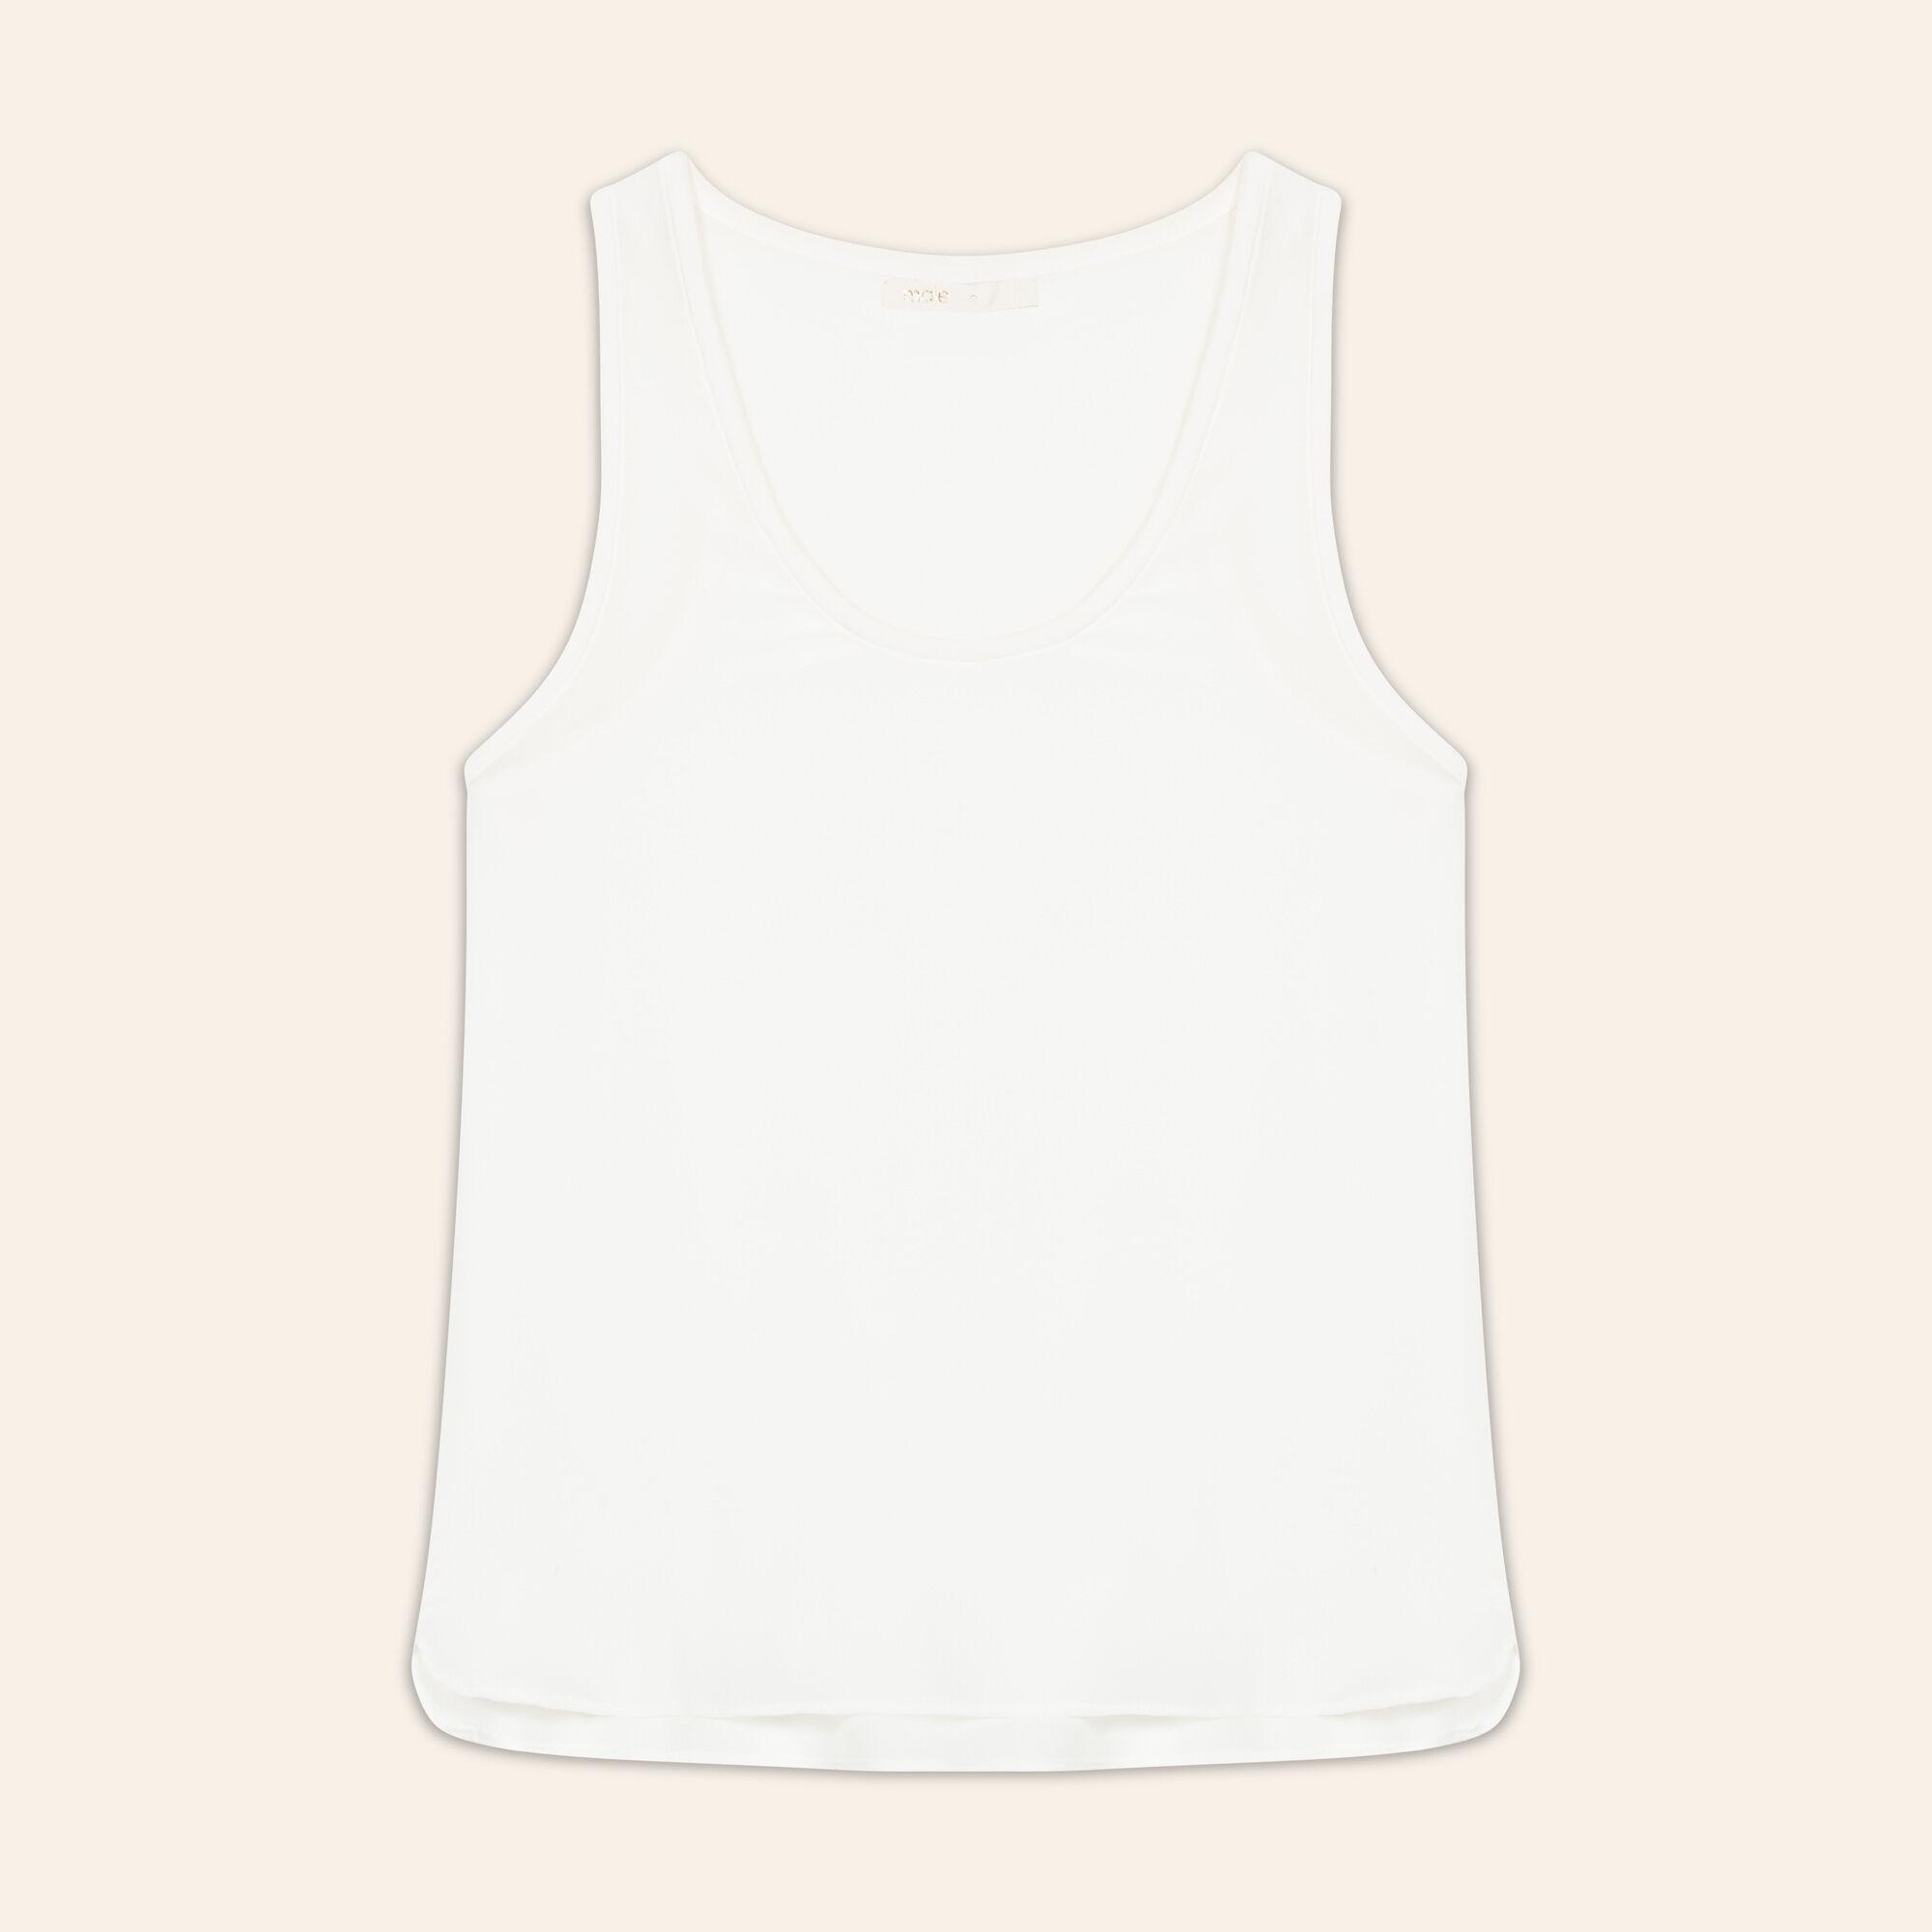 CAMISETAS Y TOPS - Camisetas de tirantes Maje eEAfob